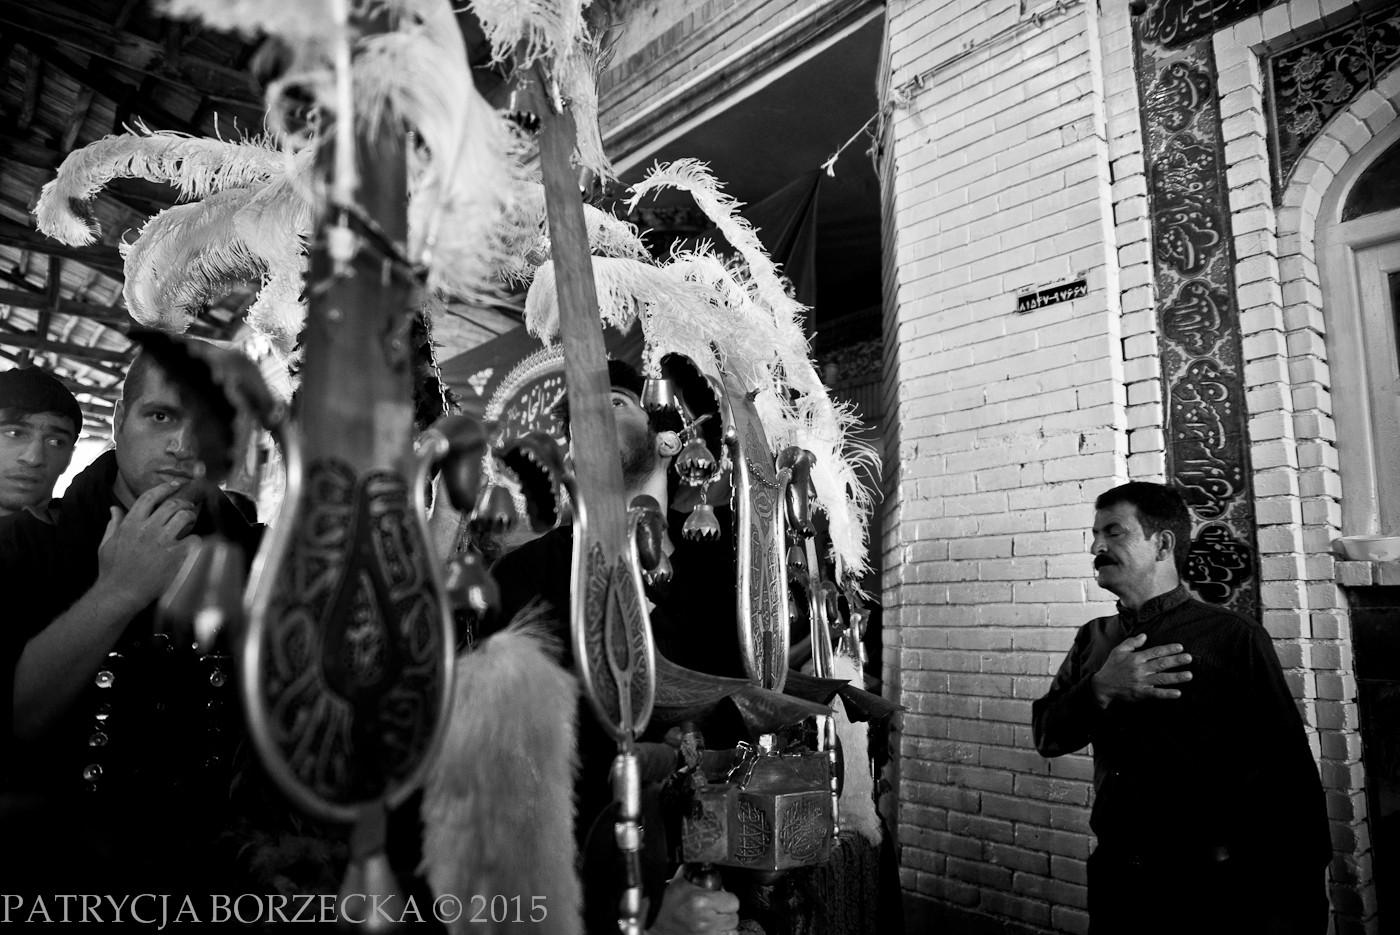 PatrycjaBorzecka-photo-Muharram09